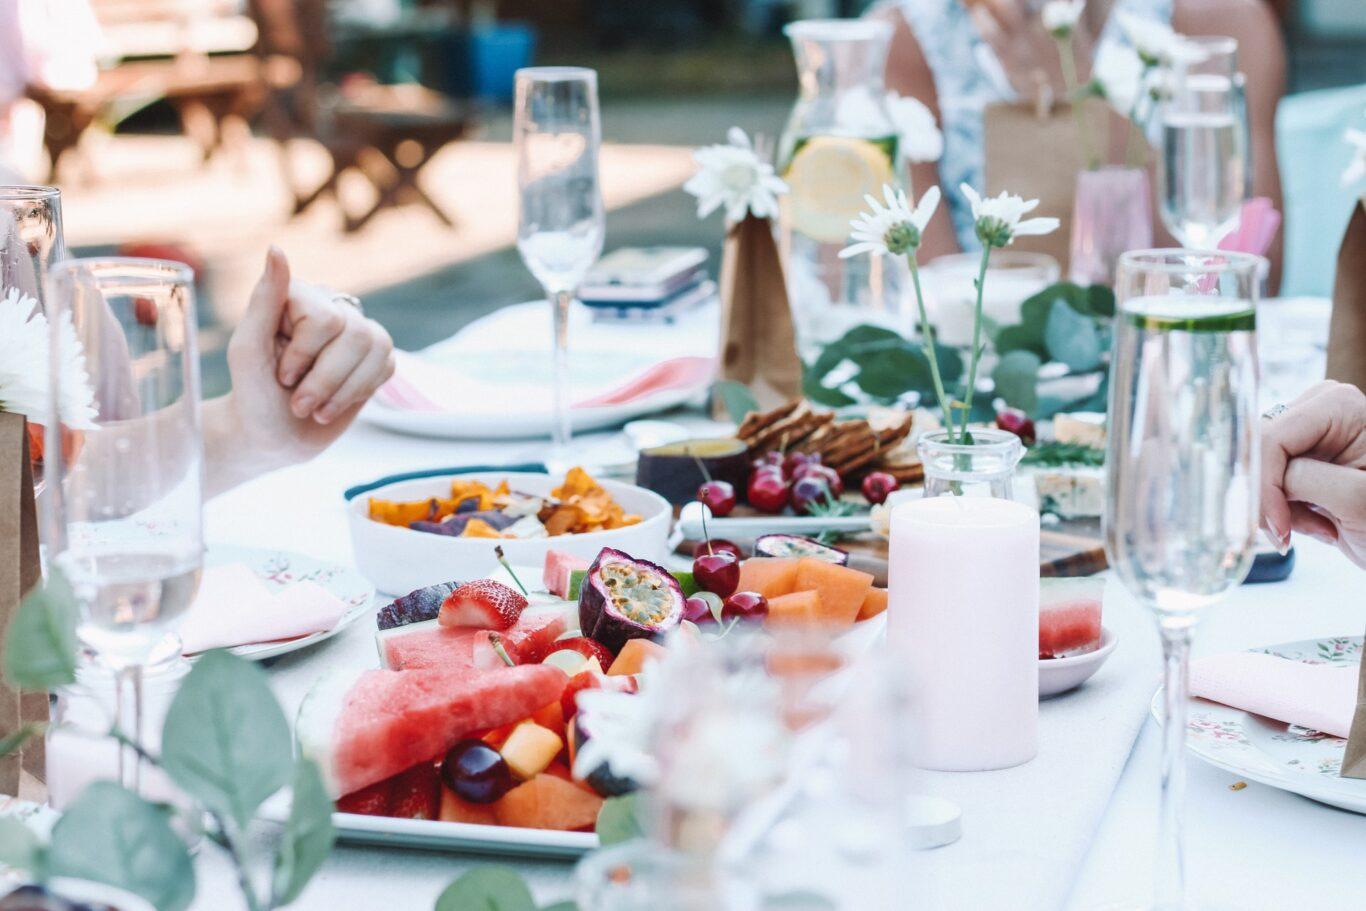 τραπέζι με κανόνες - οικοδέσποινα